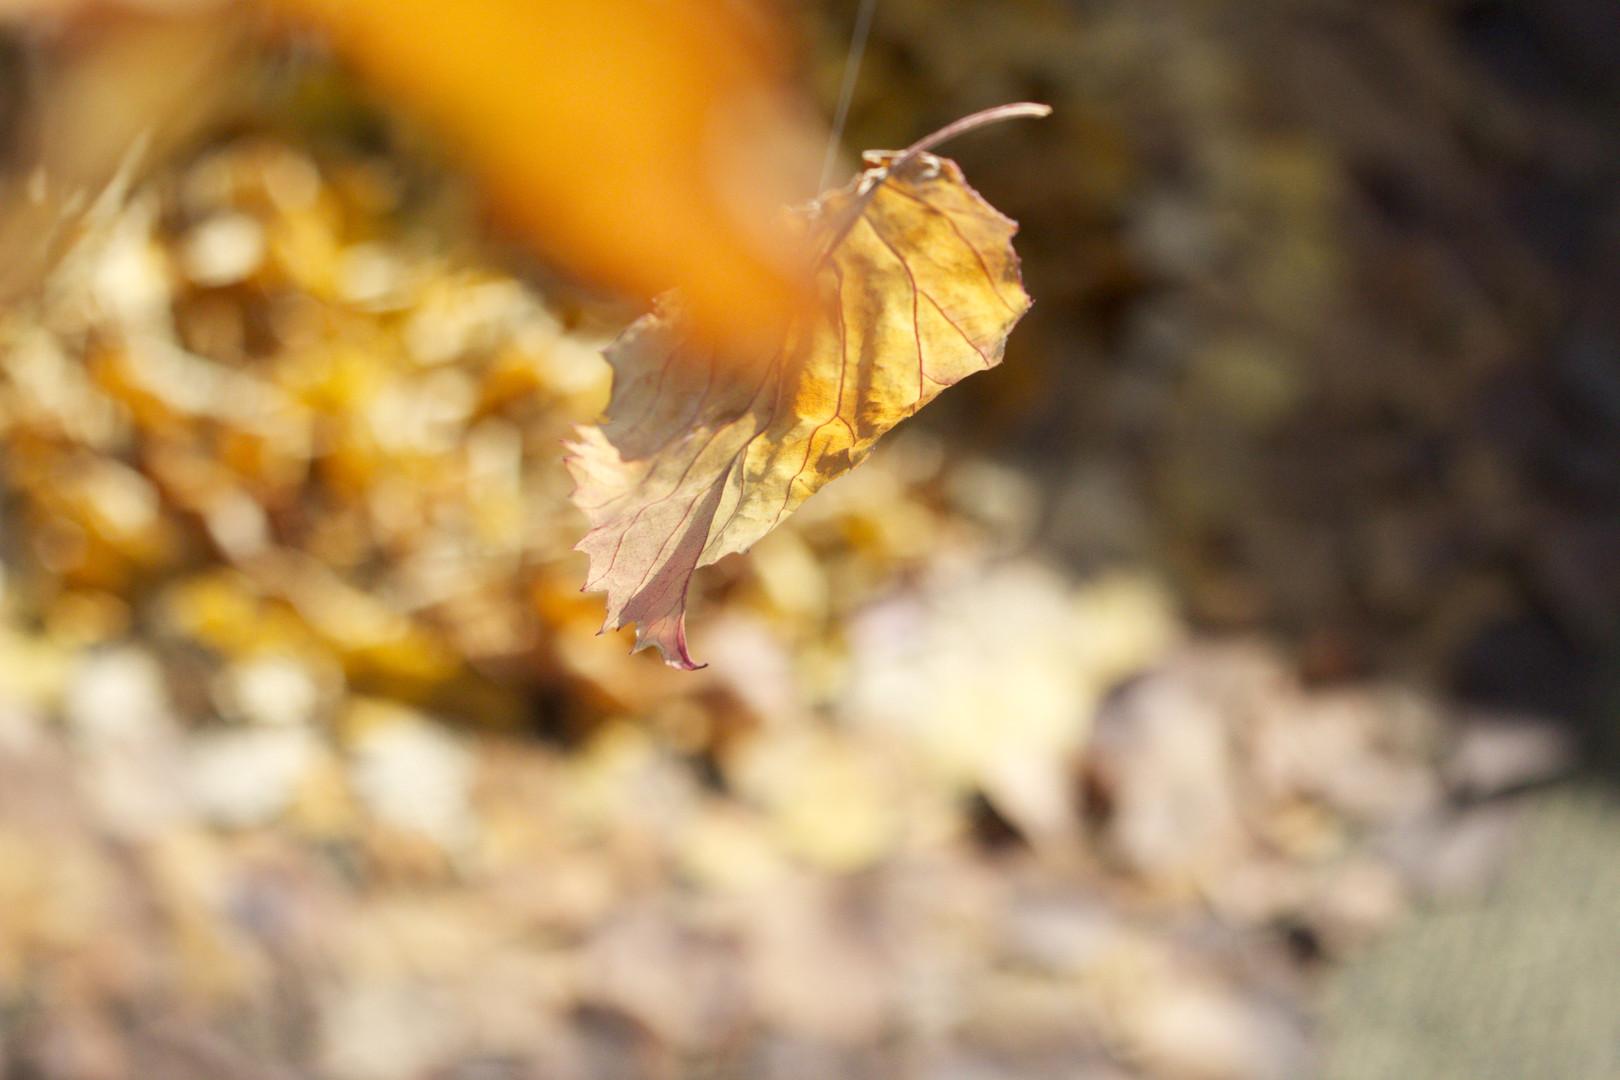 14,方小龙·装置·自然树叶·《落叶归根》13·尺幅可变.jpg